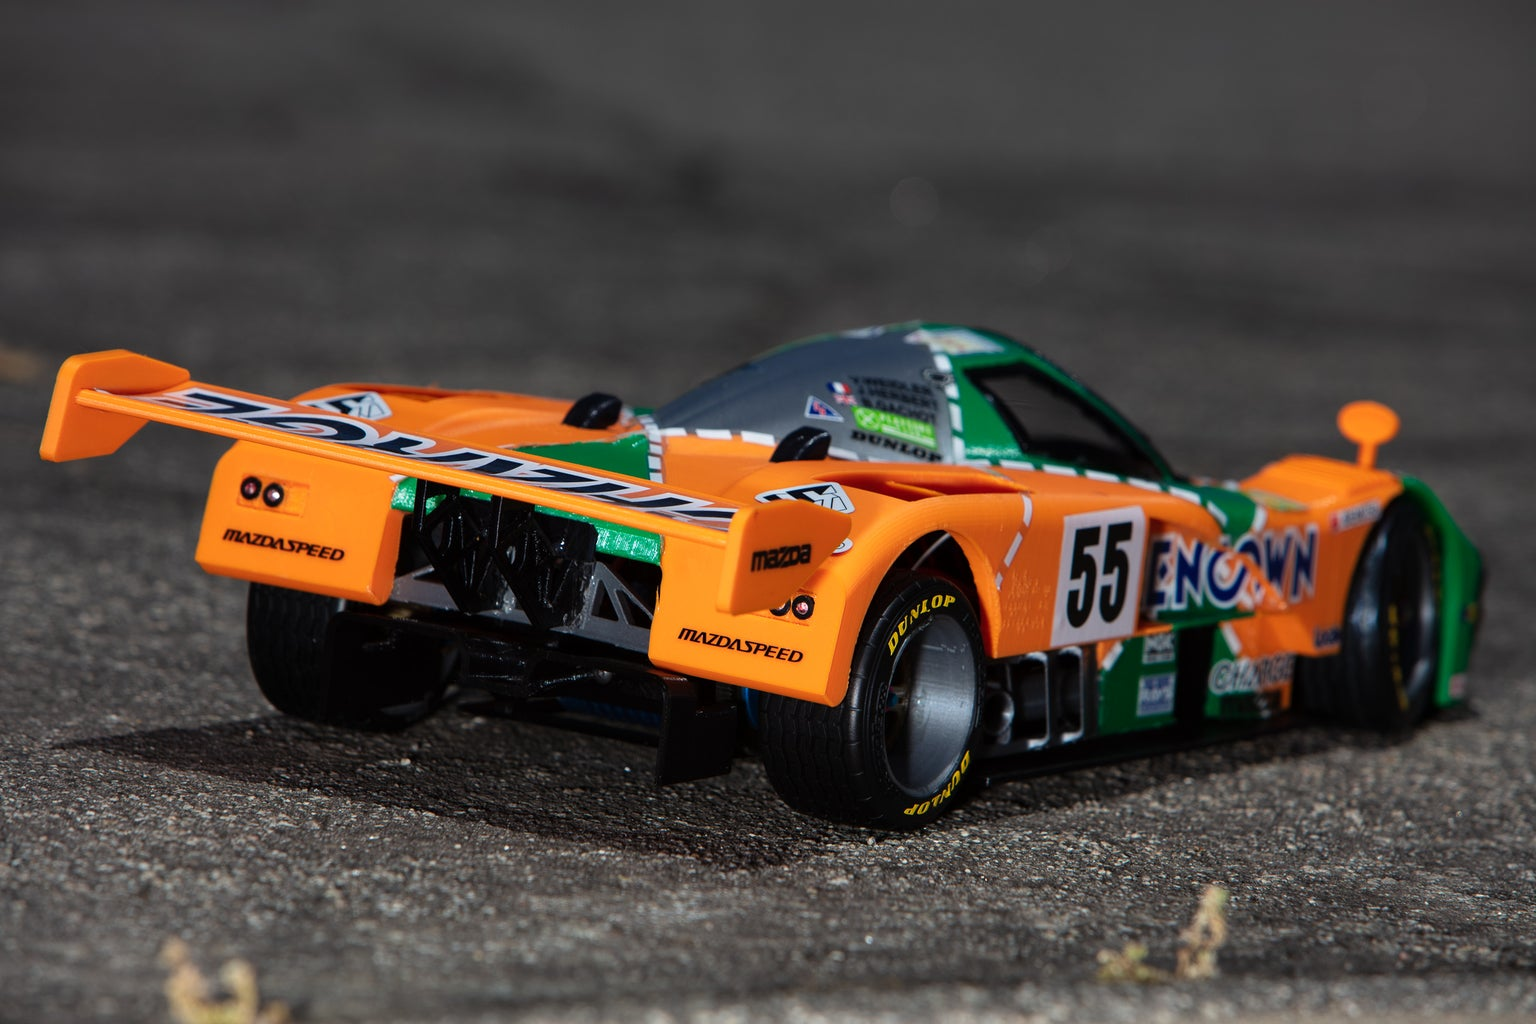 Mazda 787B 3D Printed RC Car